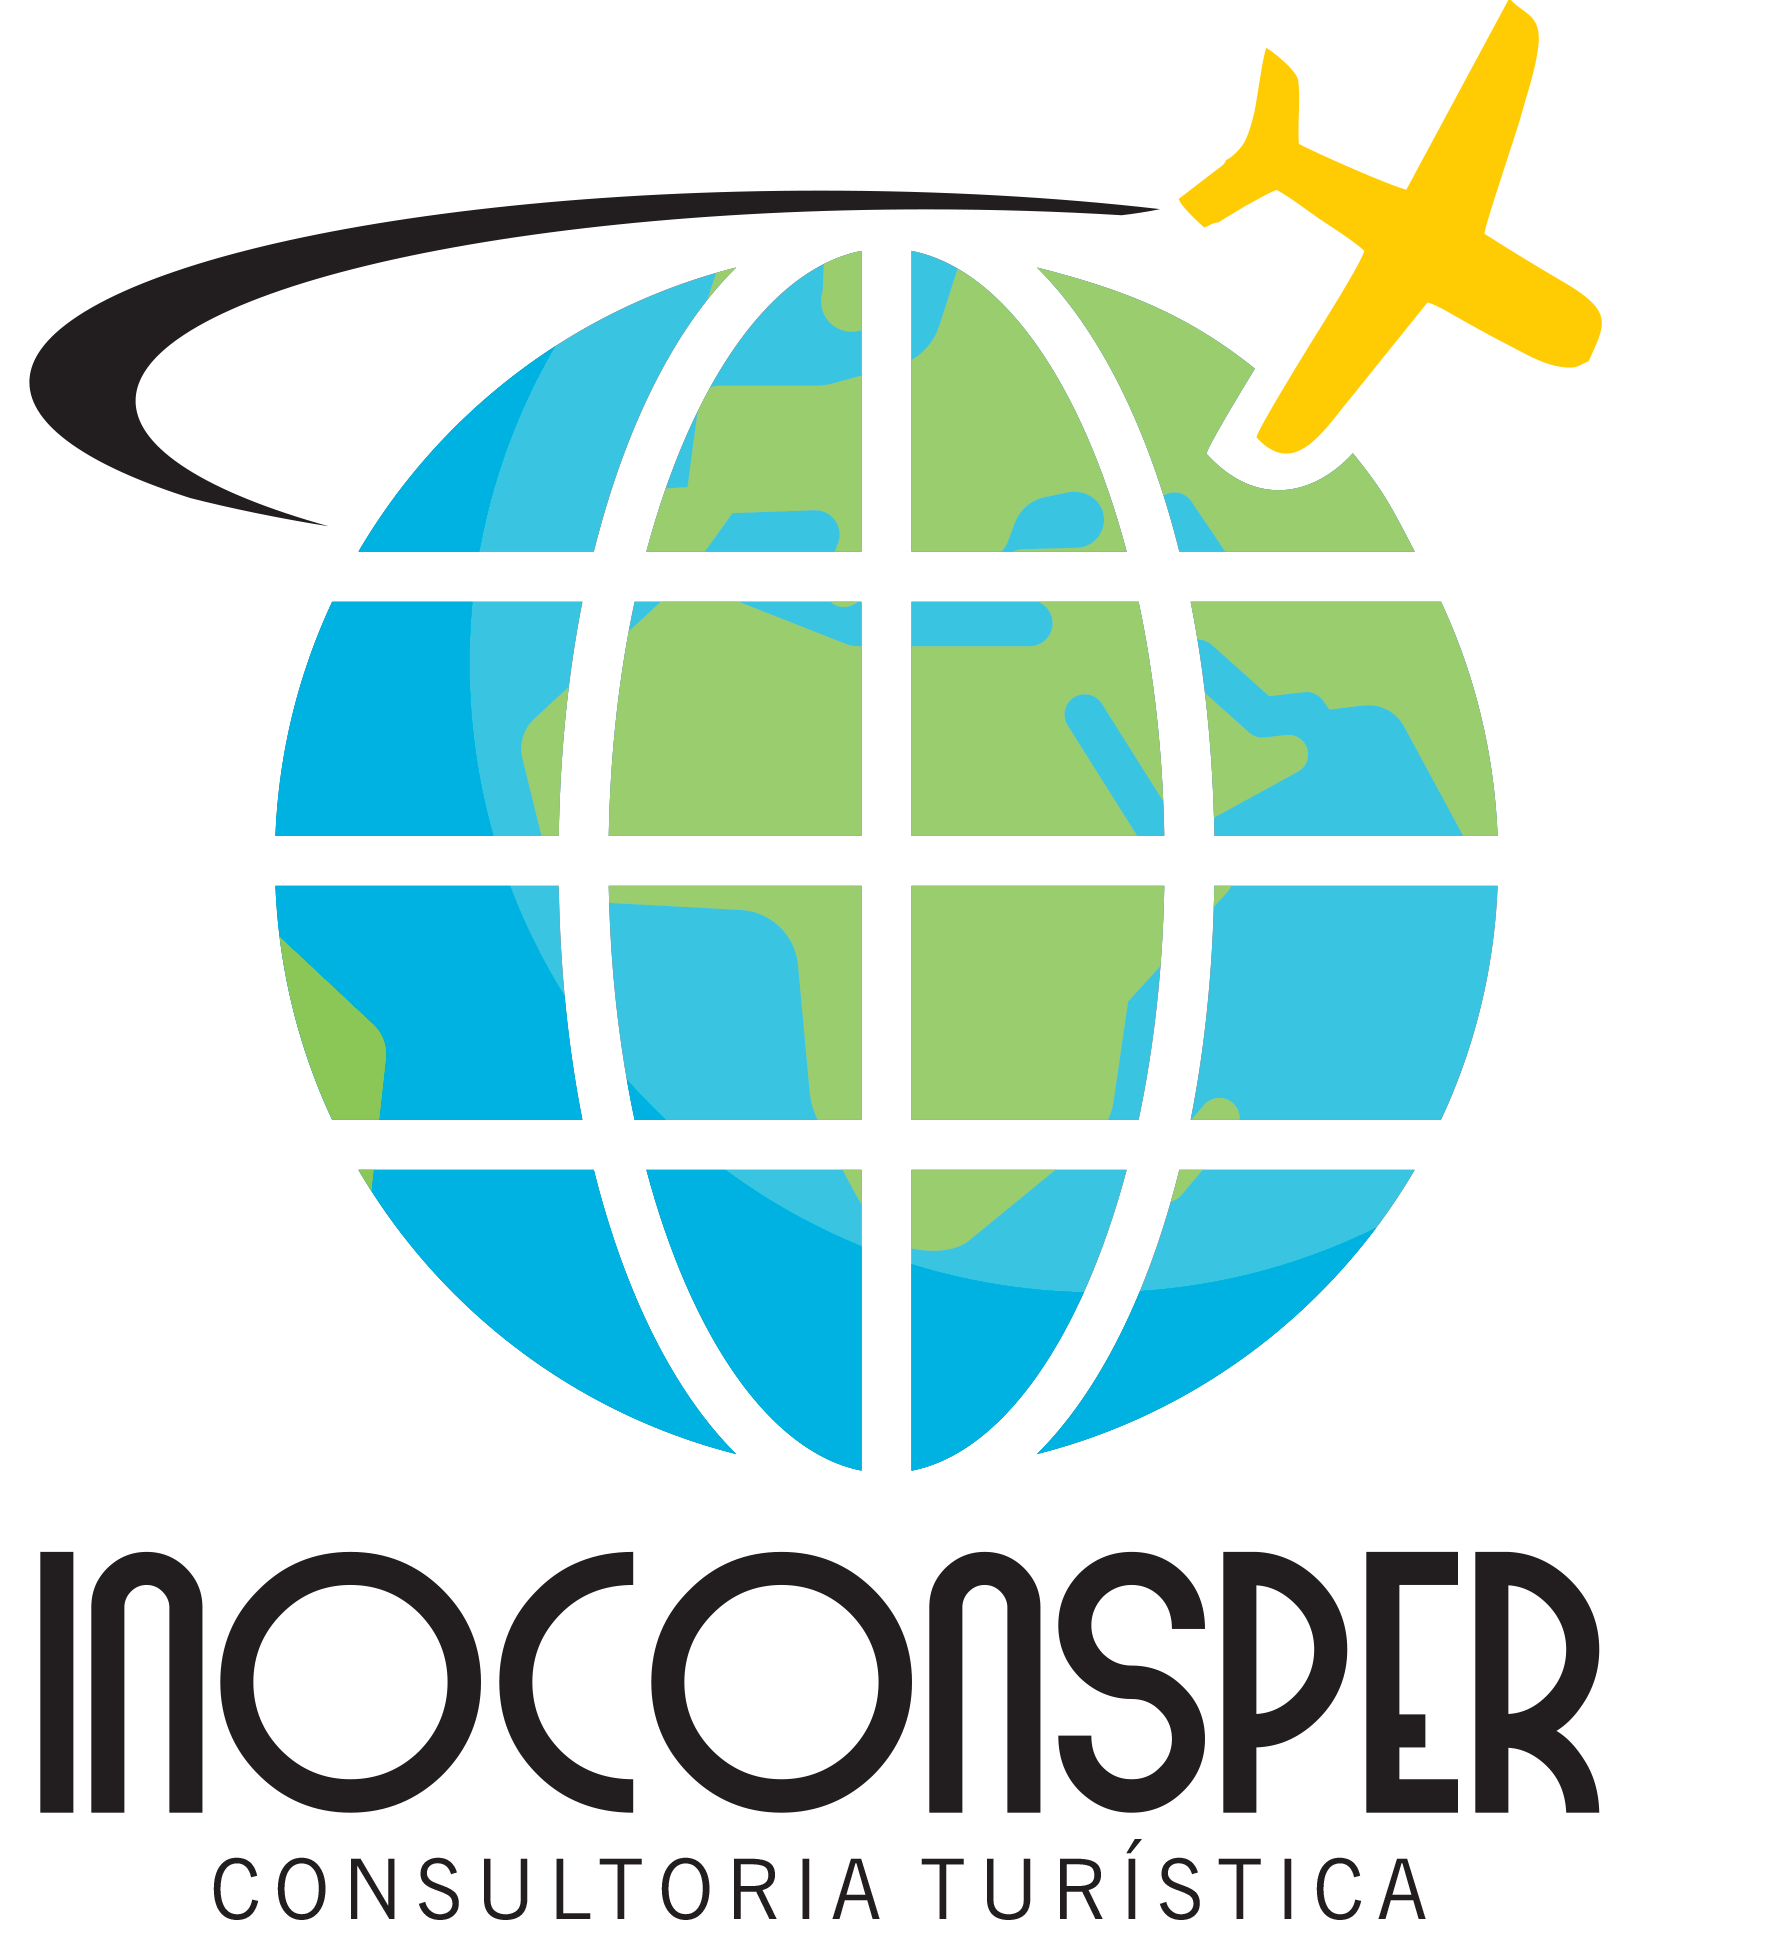 Inoconsper